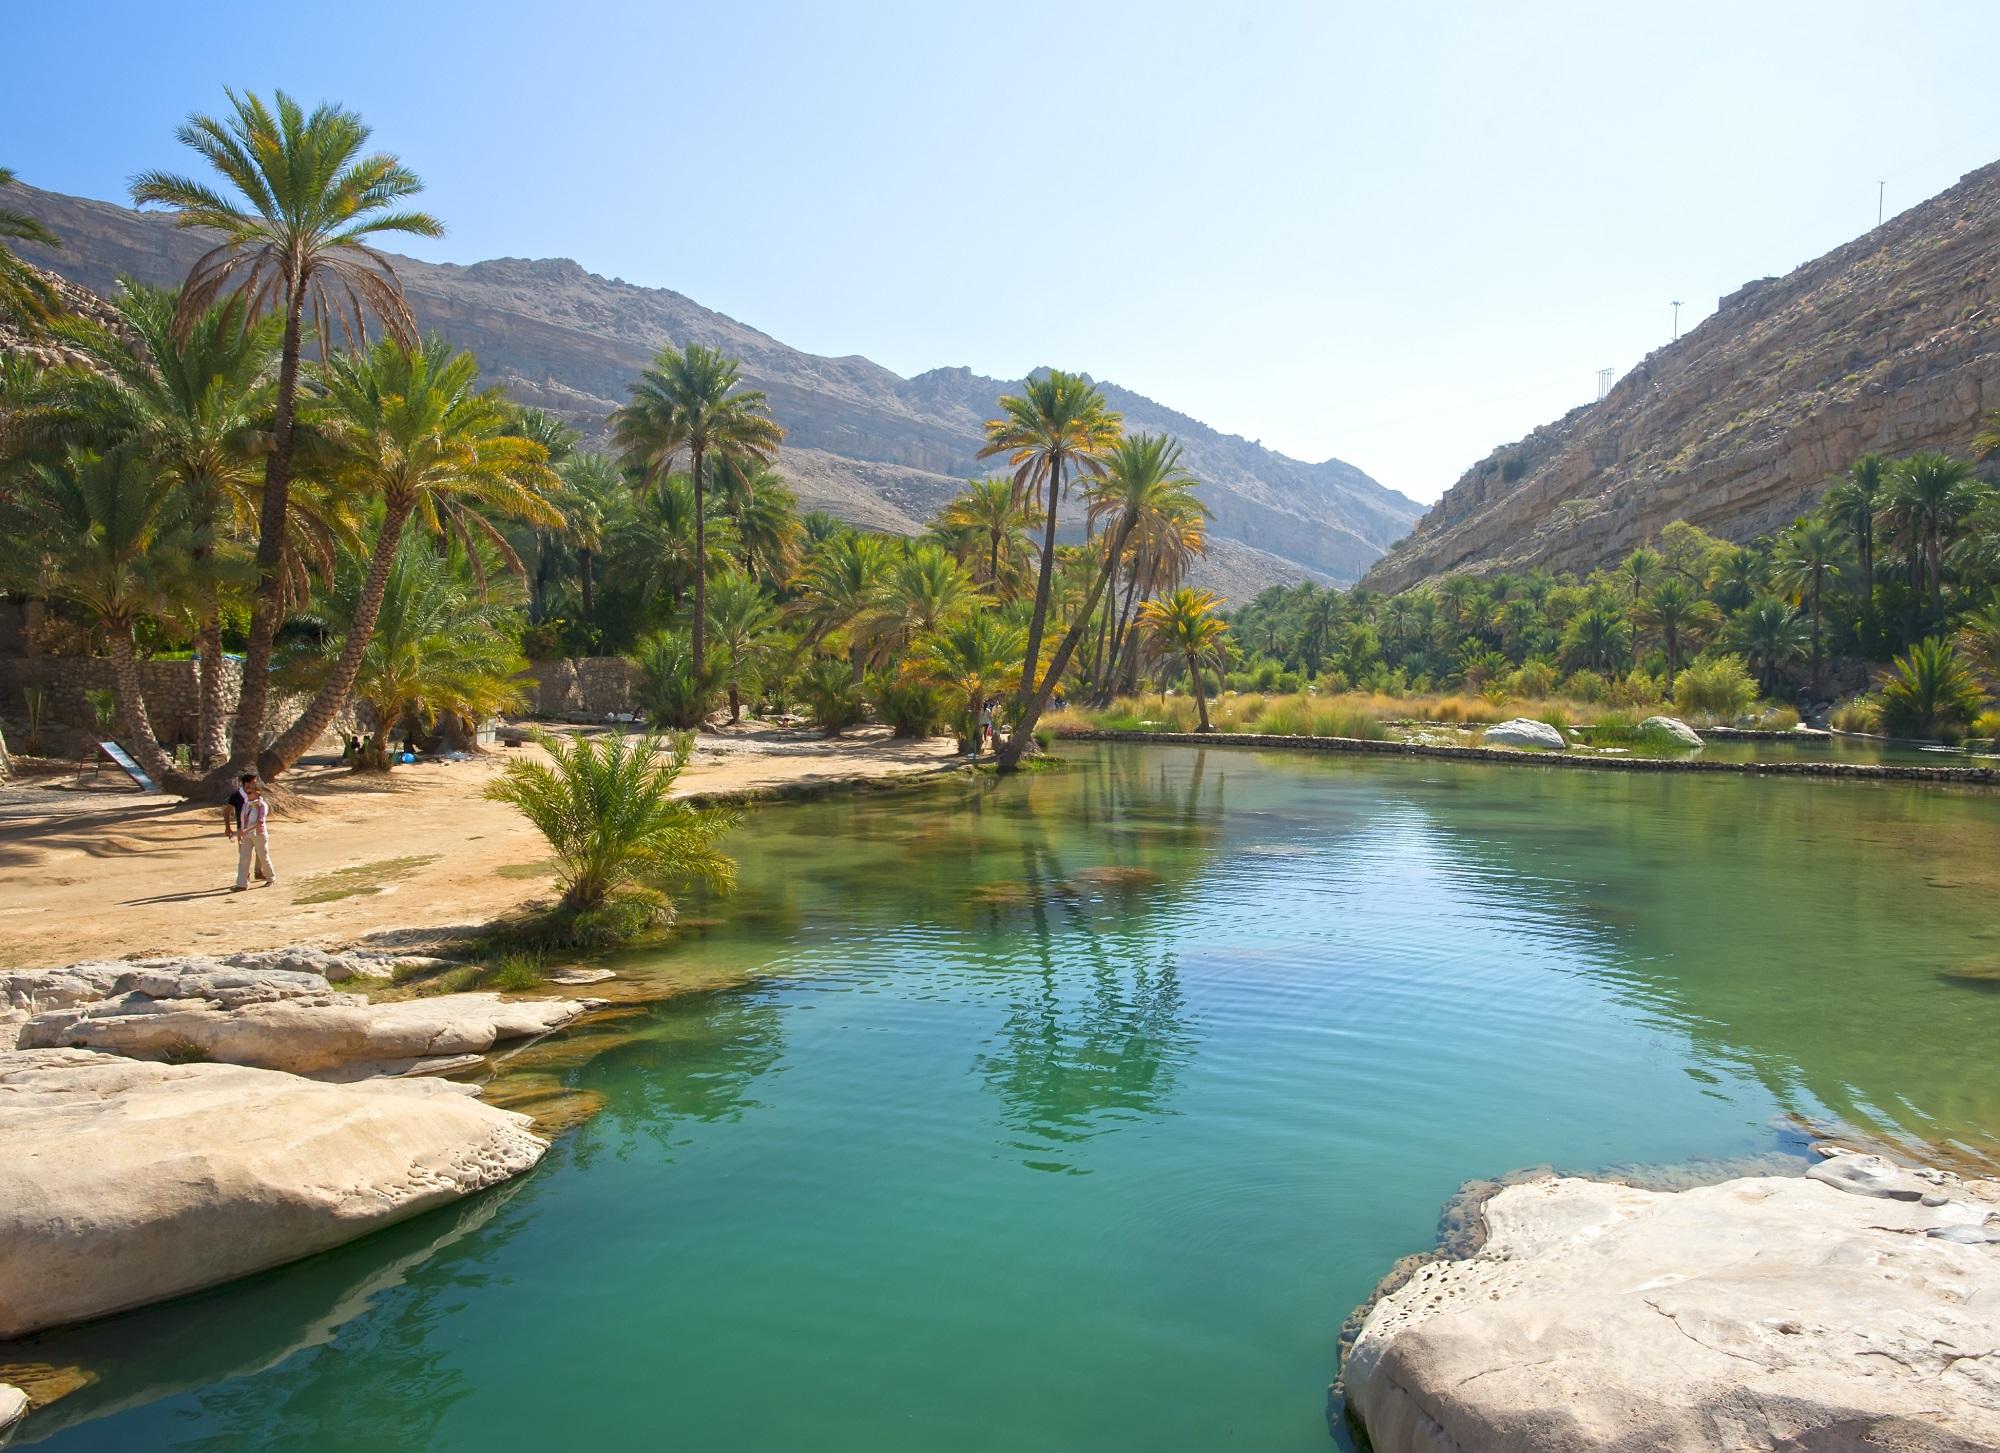 Voyages à Oman, Mascate au Sultanat d'Oman, circuits, séjours, autotours. Agence de voyage Les Comptoirs du Monde, pour individuels et groupes